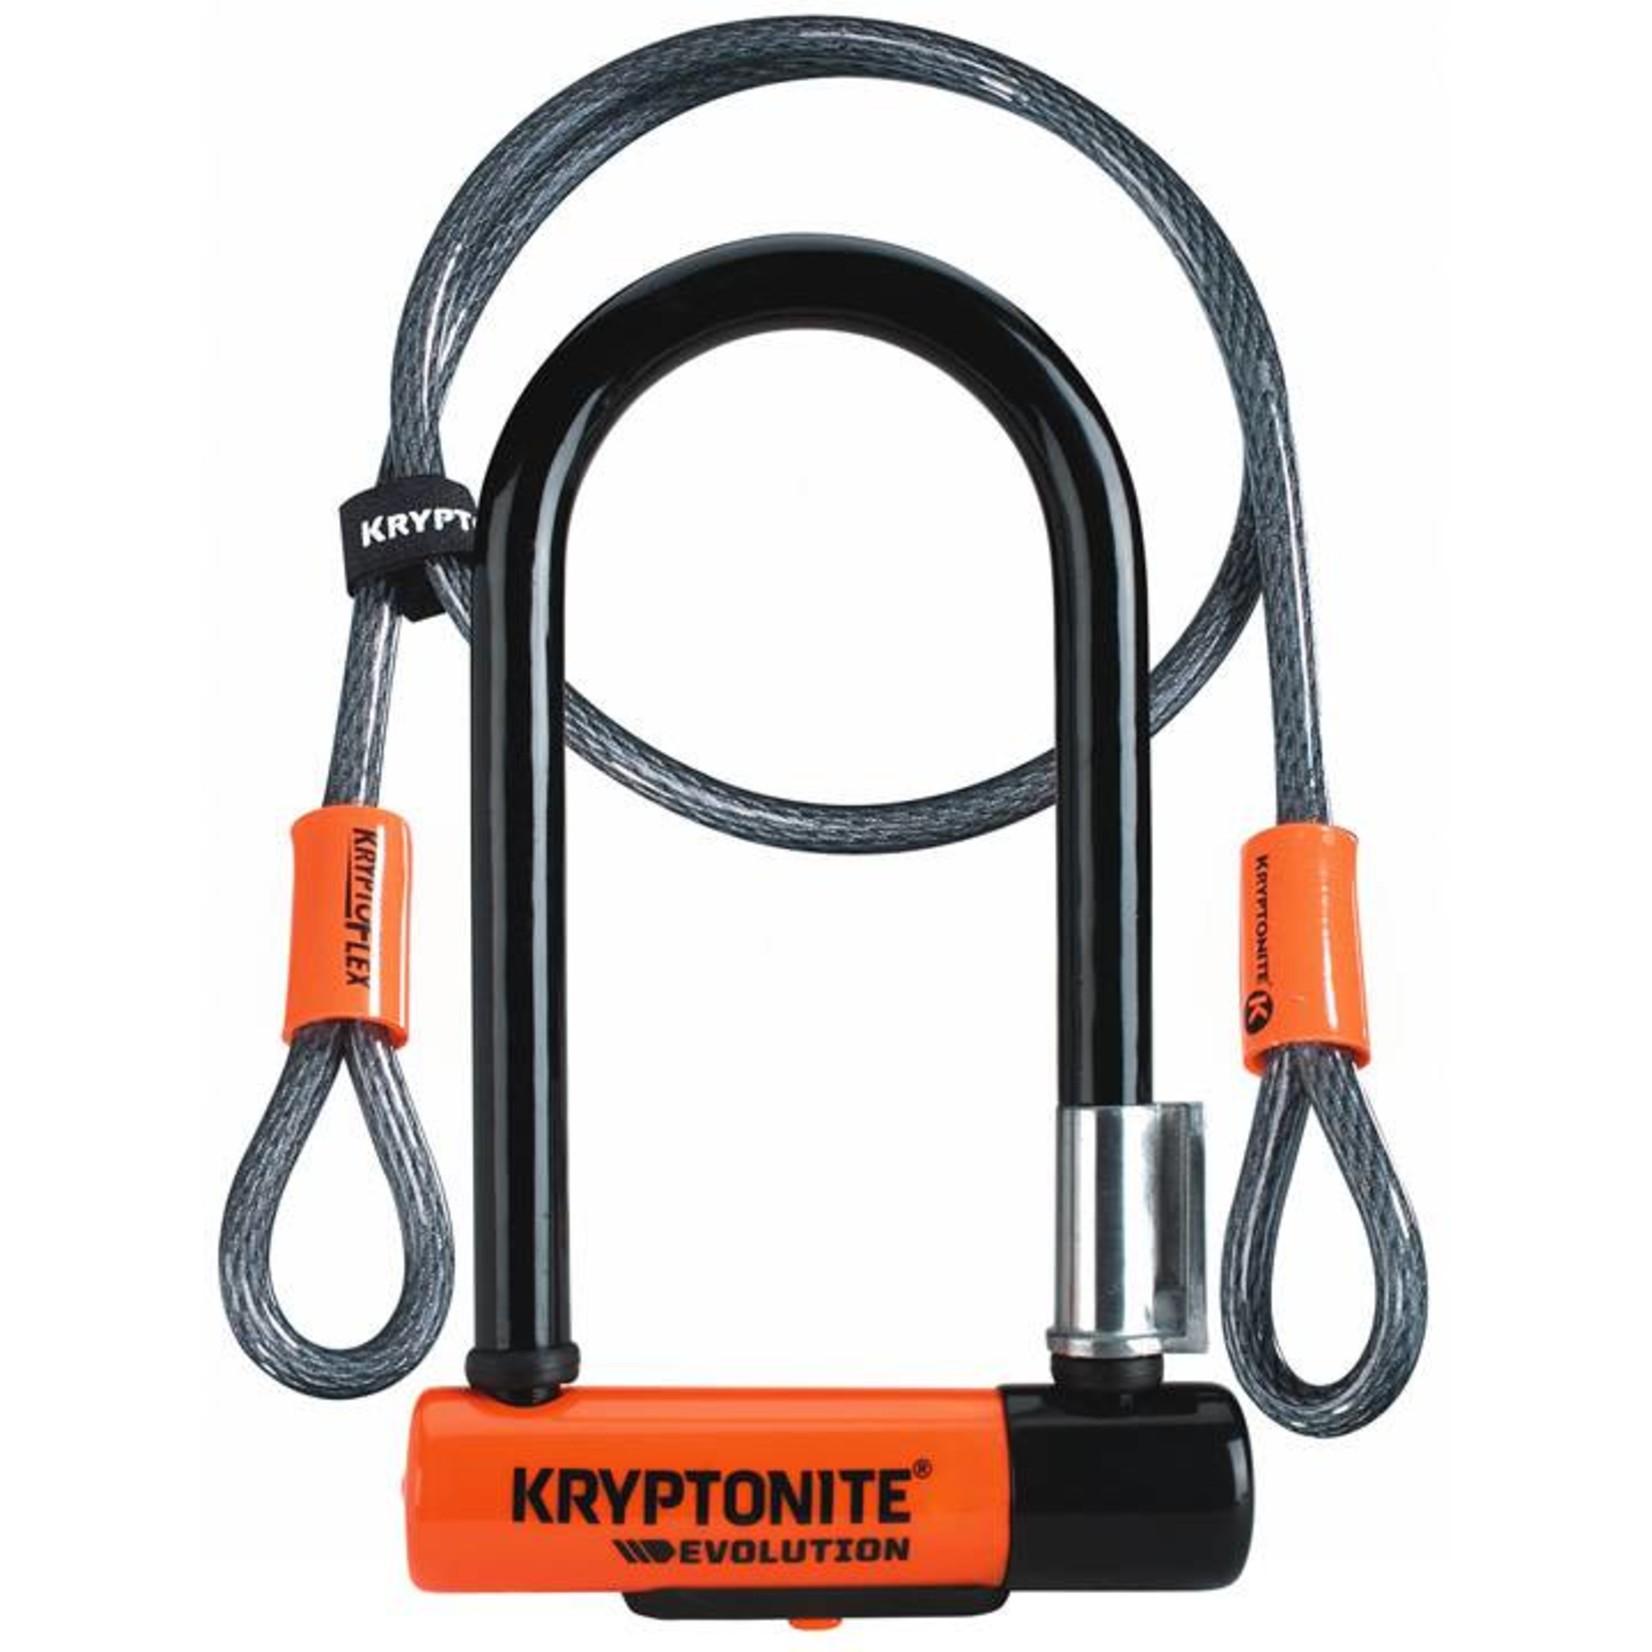 Kryptonite EVOLUTION MINI 7 W/4' FLEX CABLE